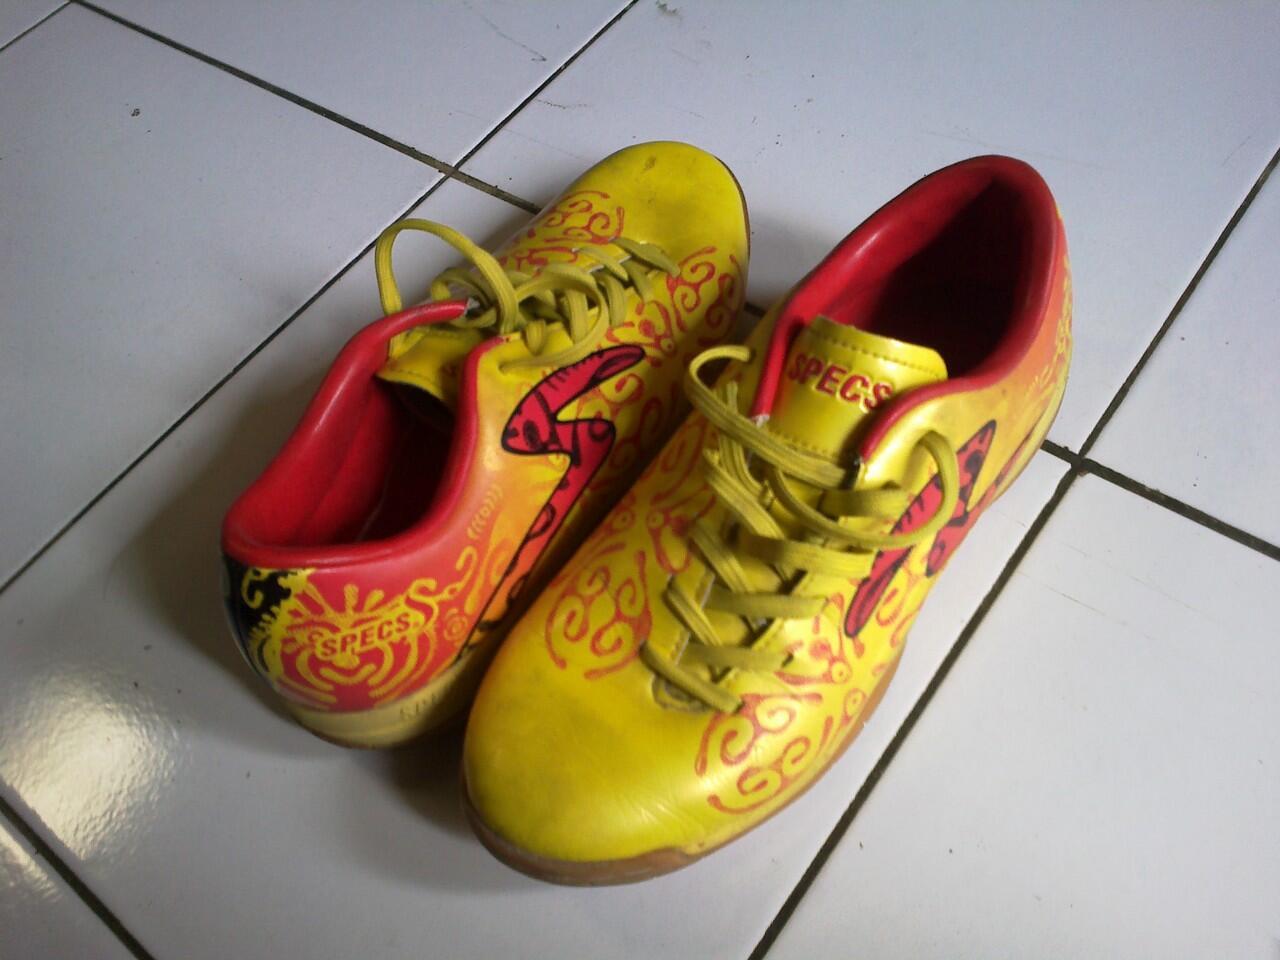 sepatu futsal specs batik original